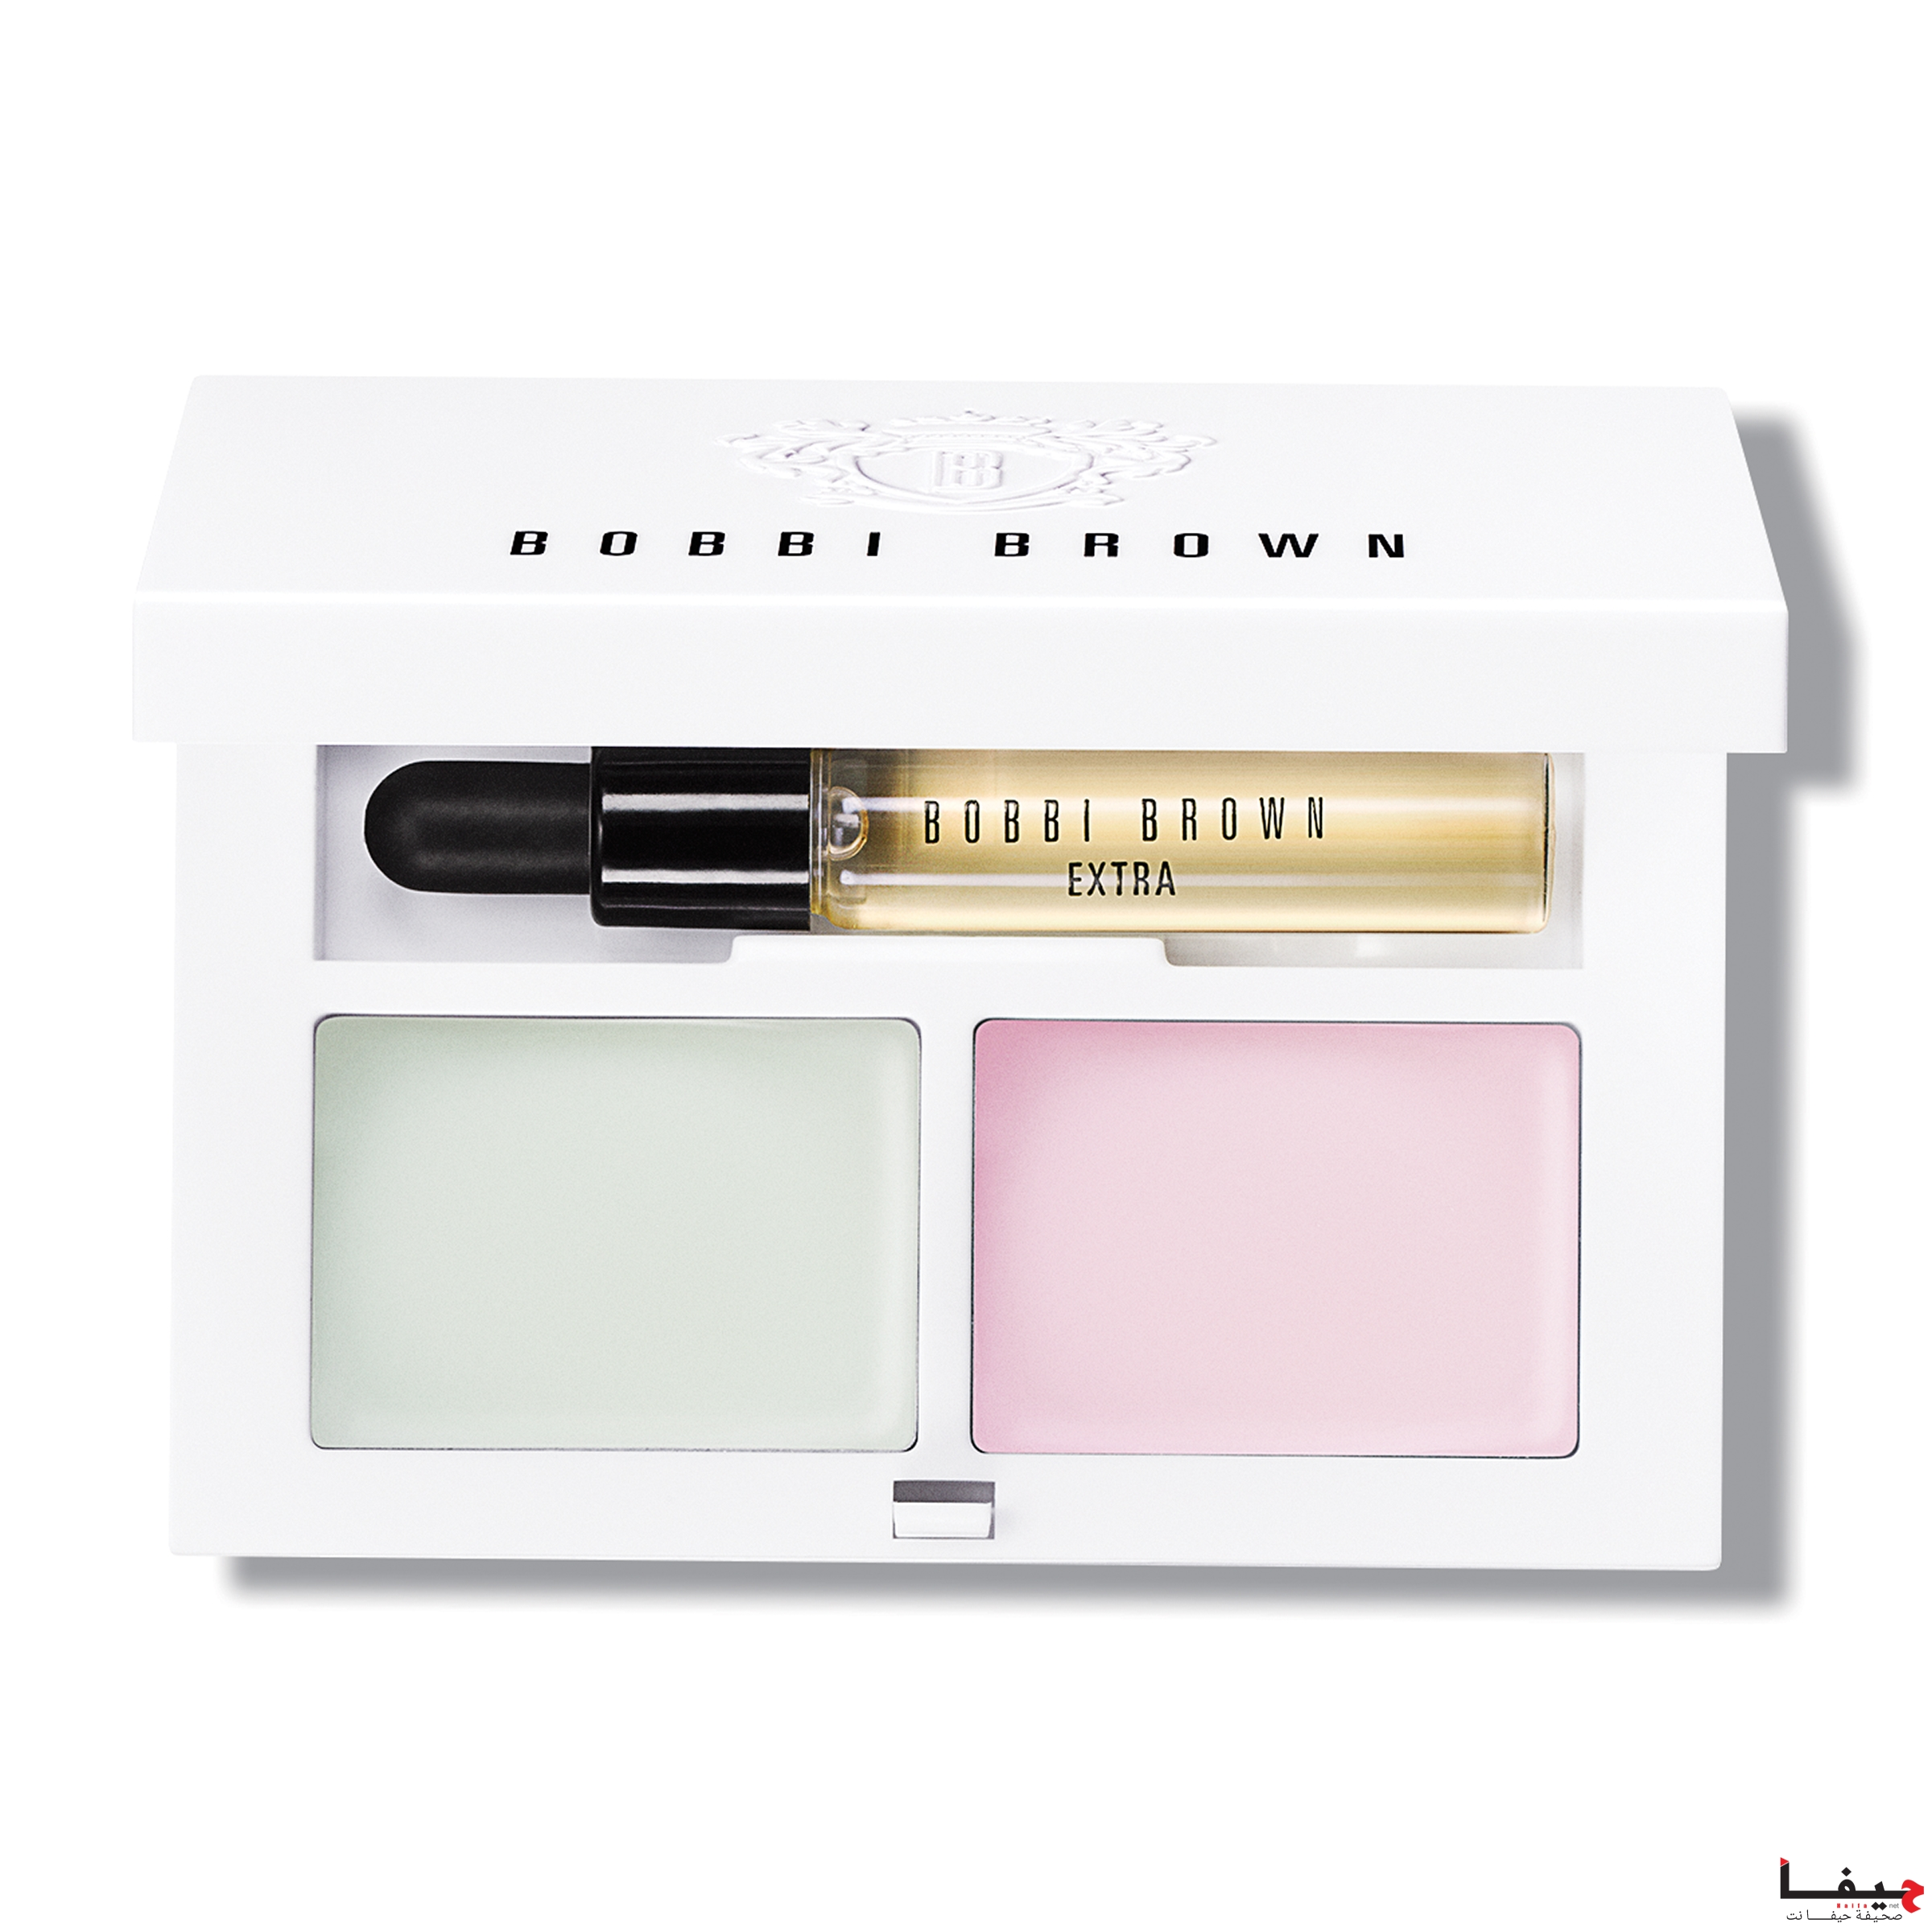 ماركة مستحضرات التجميل والعناية الفاخرة Bobbi Brown تُطلق منتجات EXTRA GLOW (2)